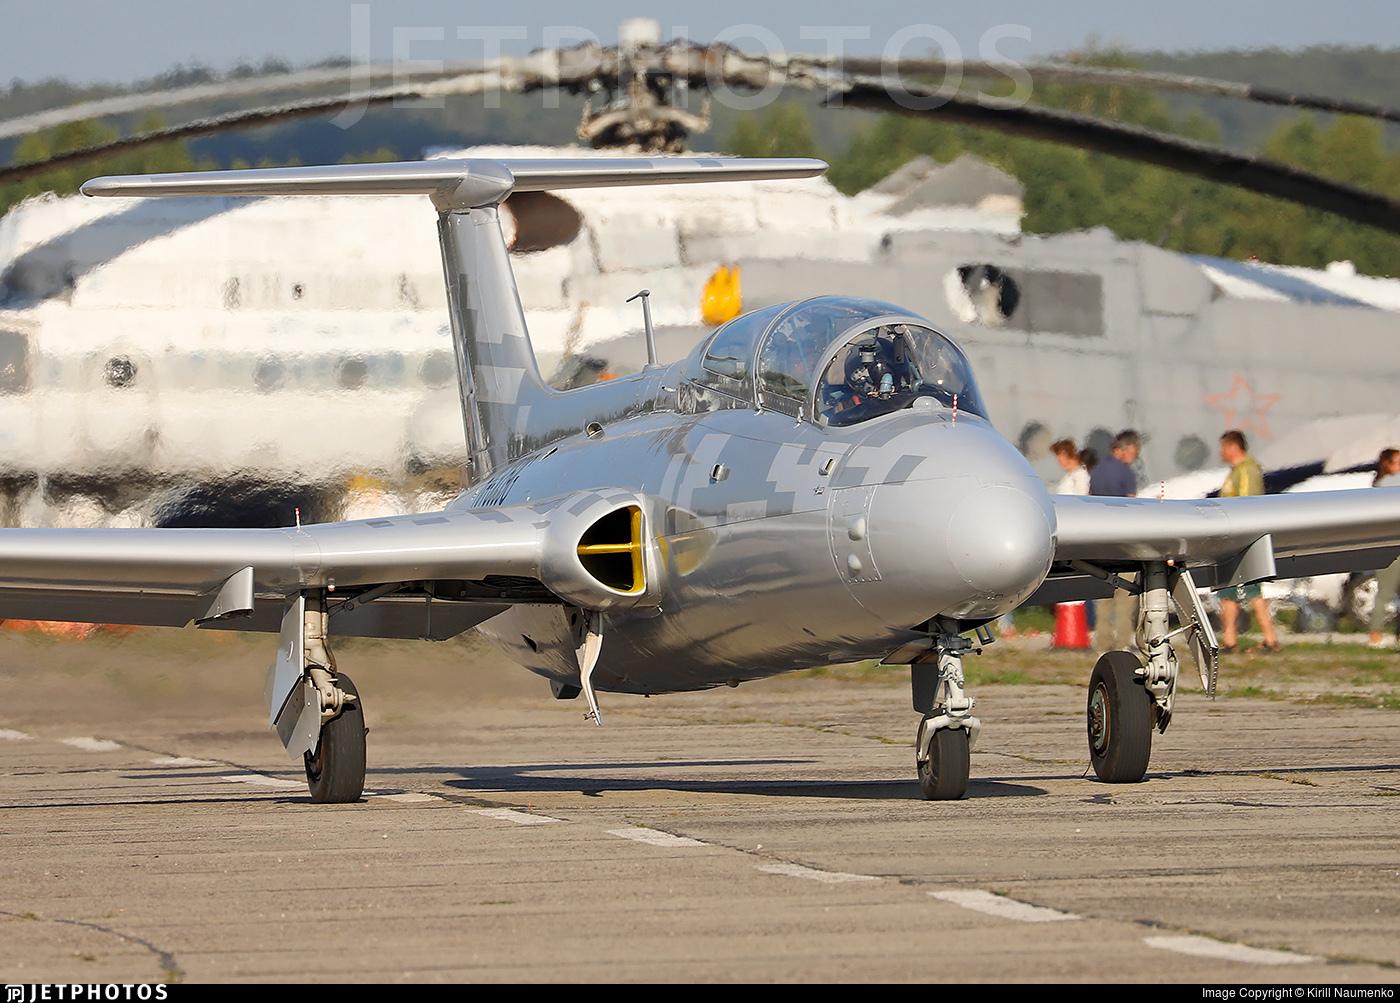 RA-3059G - Aero L-29 Delfin - Private